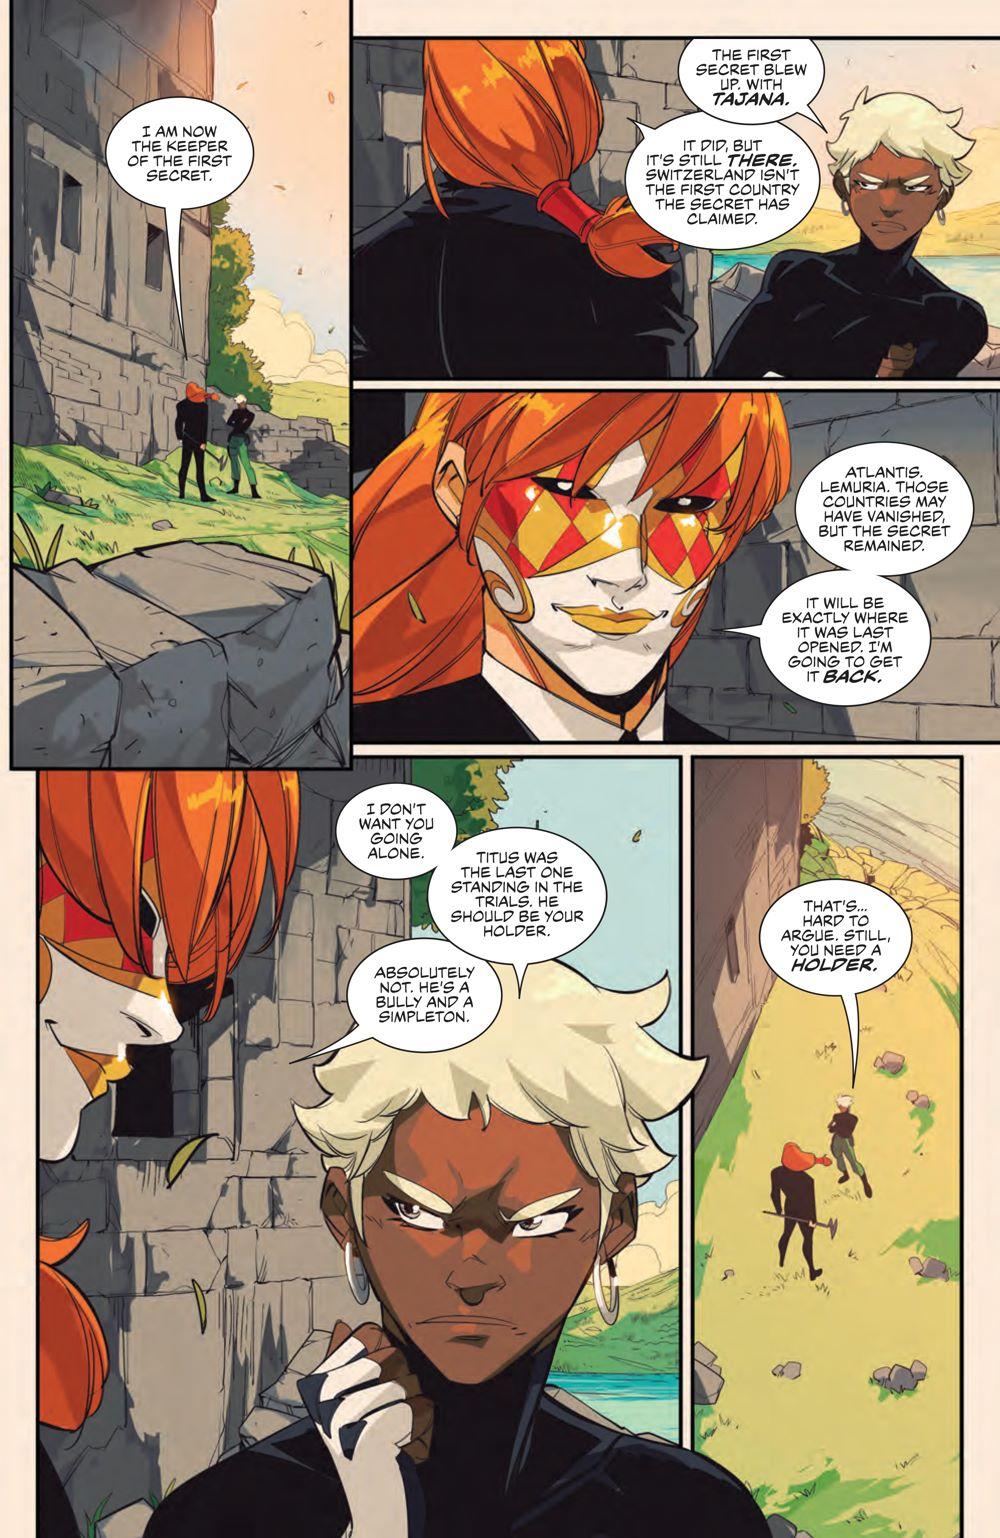 SevenSecrets_010_PRESS_7 ComicList Previews: SEVEN SECRETS #10